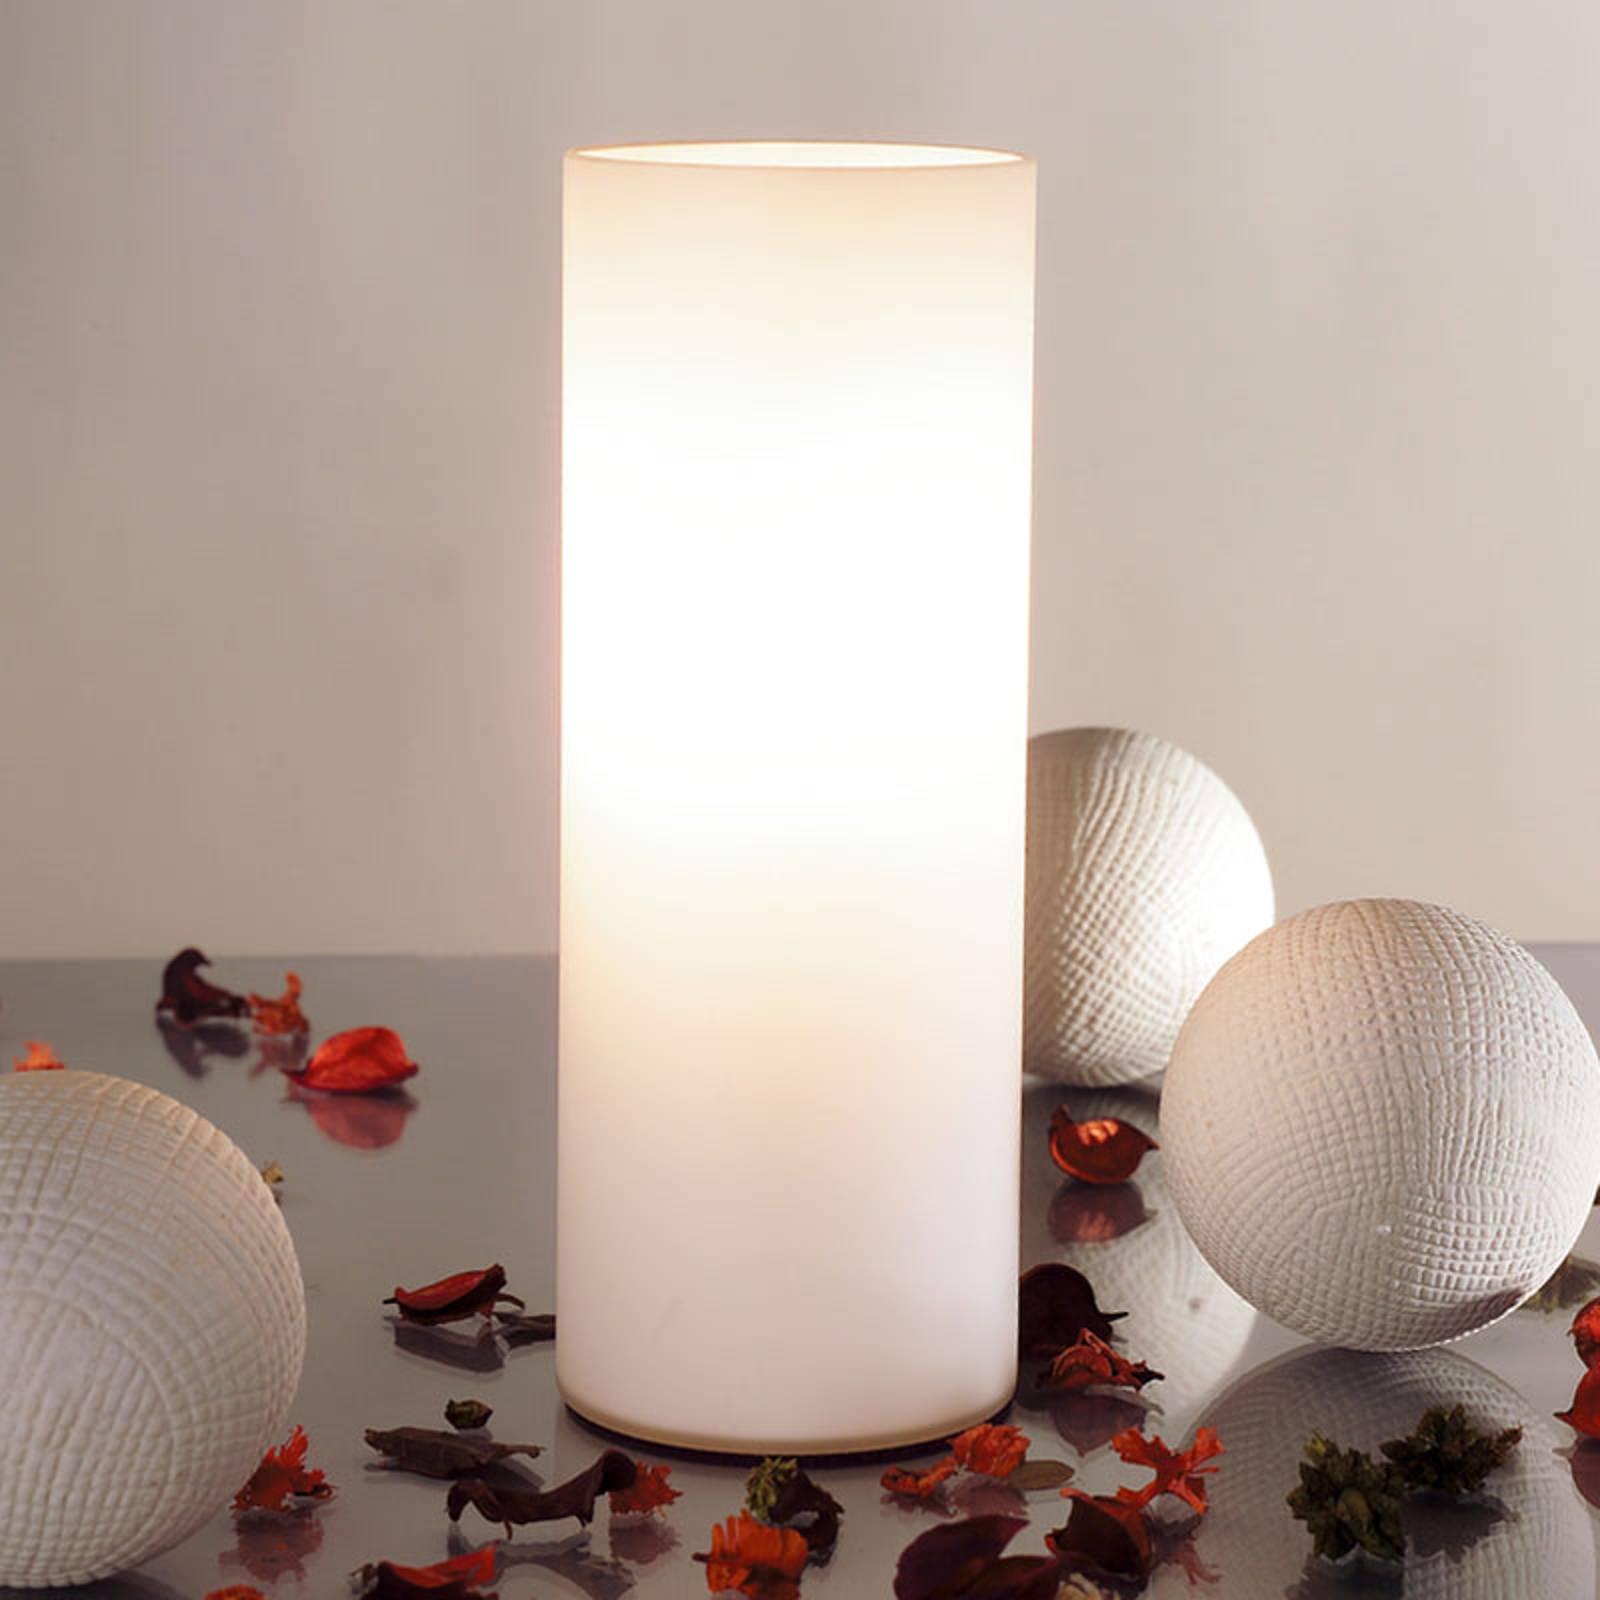 Paulmann Noora tafellamp van opaalglas